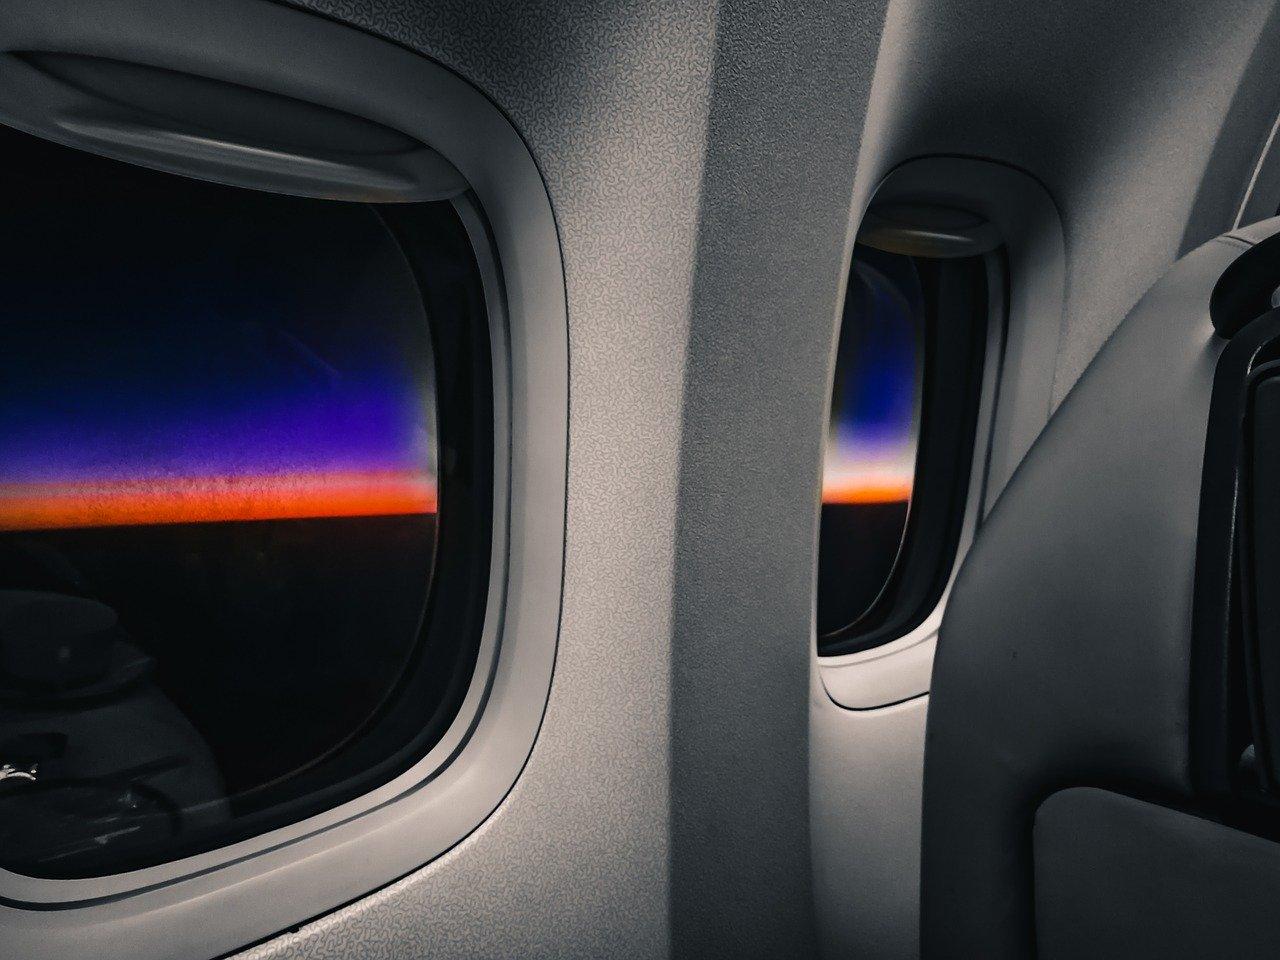 從飛機內的窗戶看出去的風景